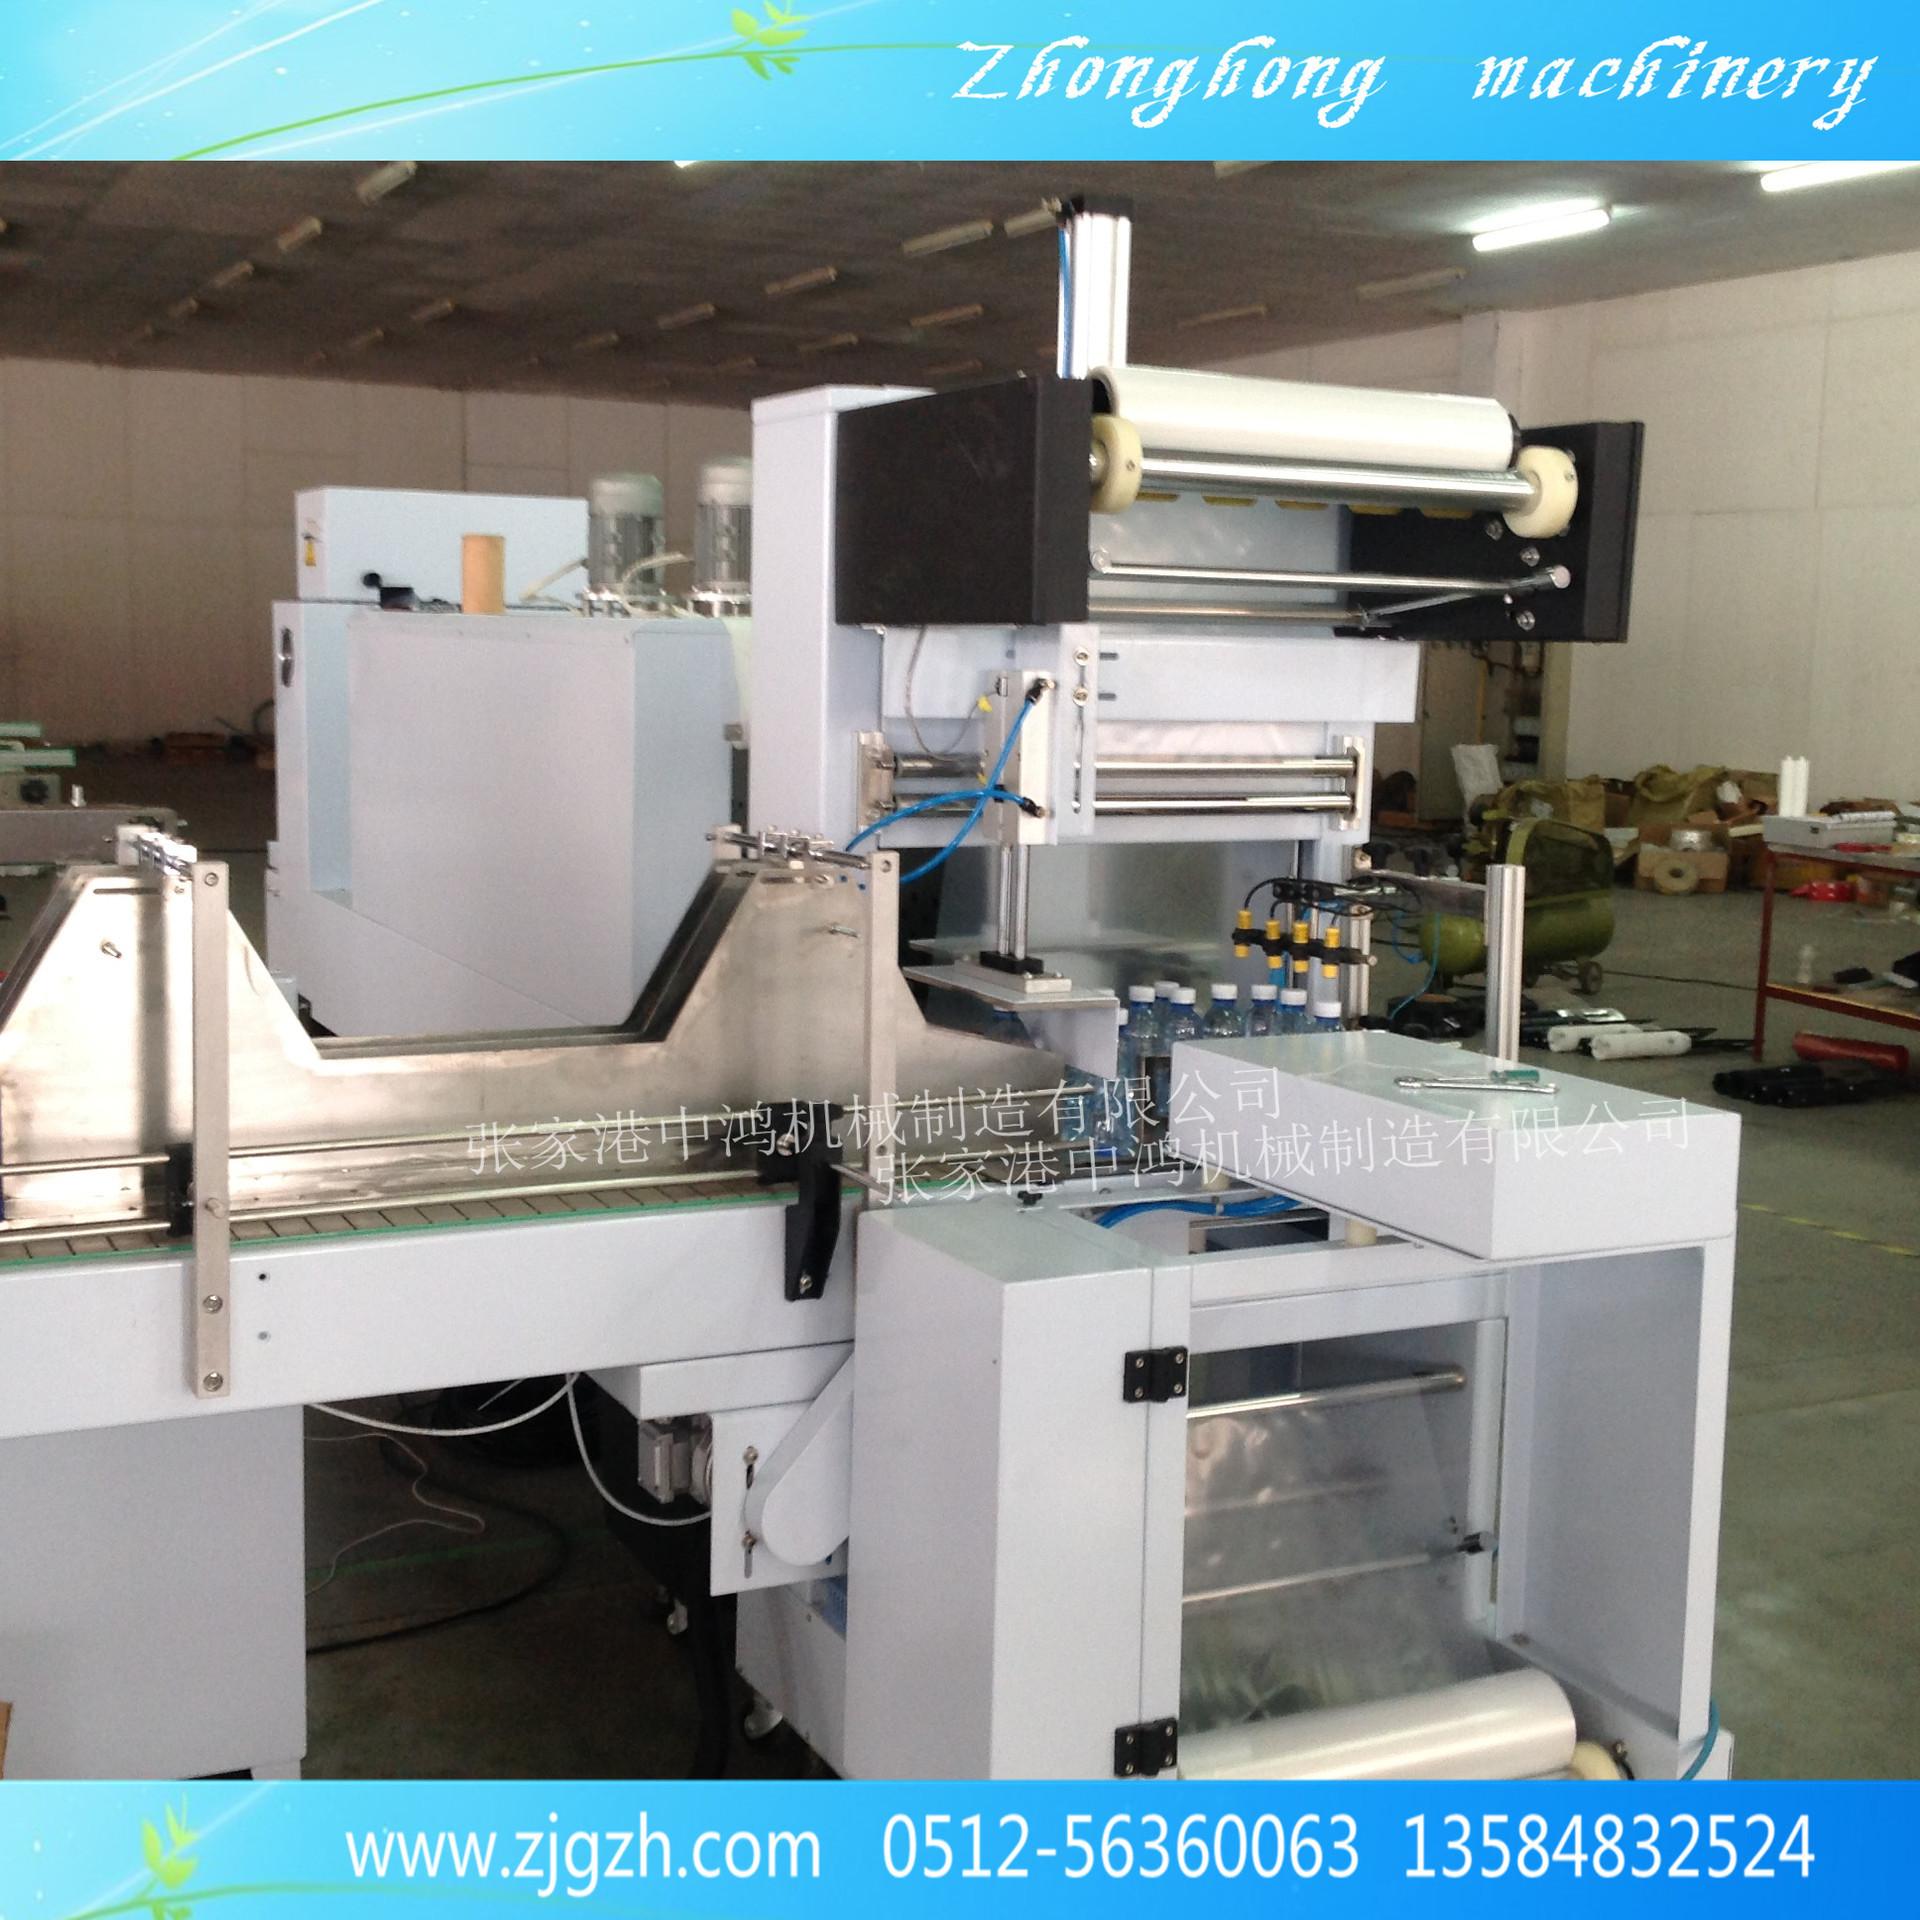 膜包机 PVC热收缩膜包机 实体工厂 免费试机图片_8